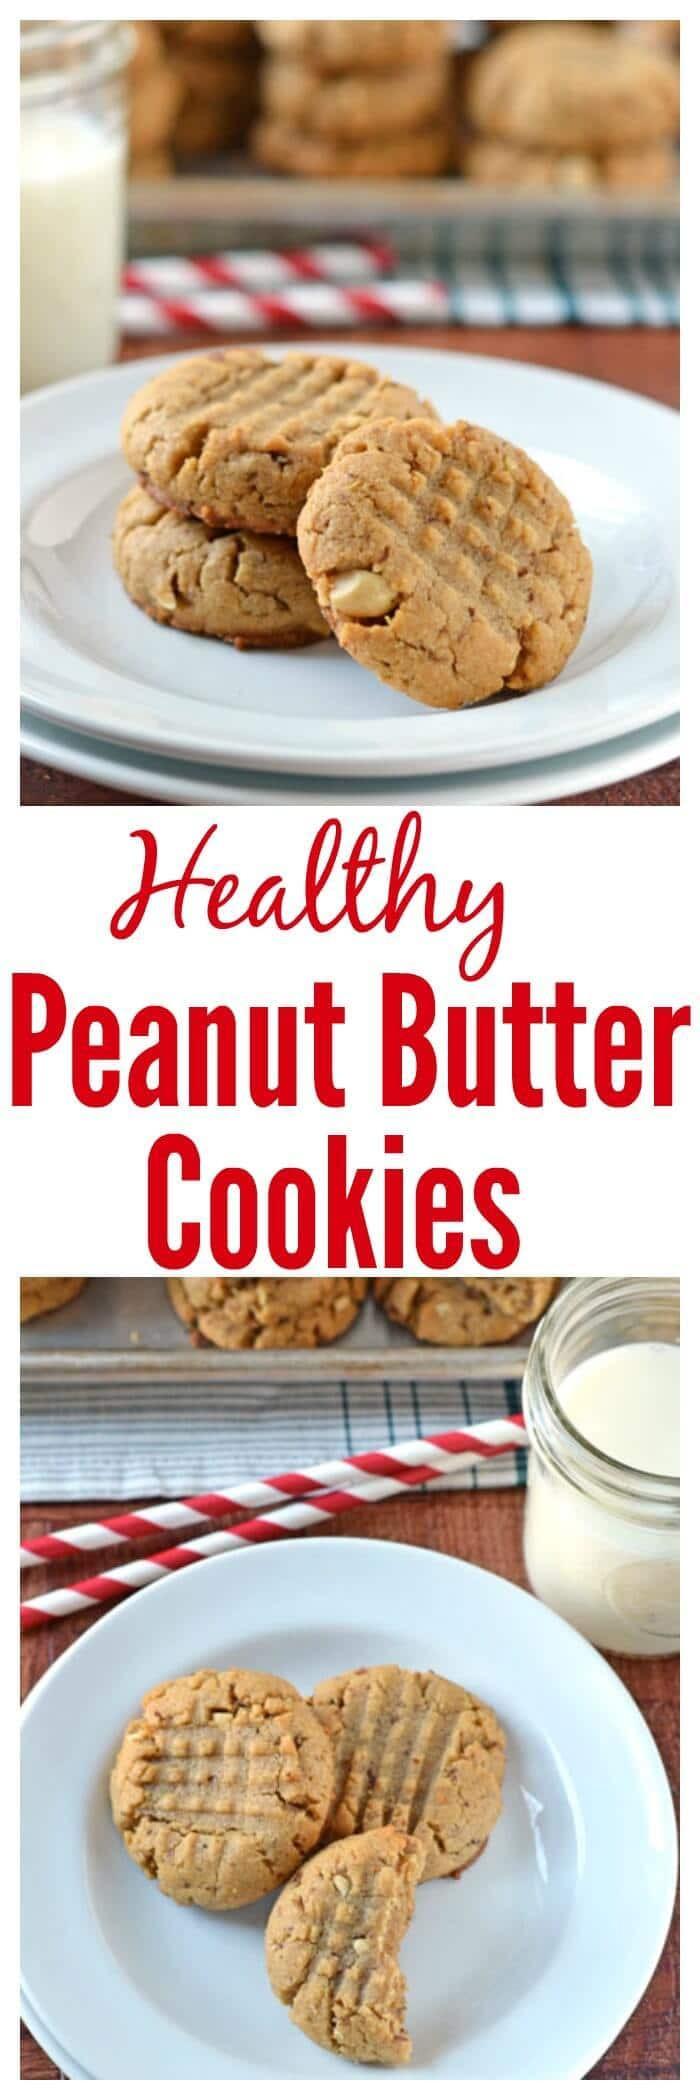 Healthy Peanut Butter Cookies No Sugar  Healthy Peanut Butter Cookies